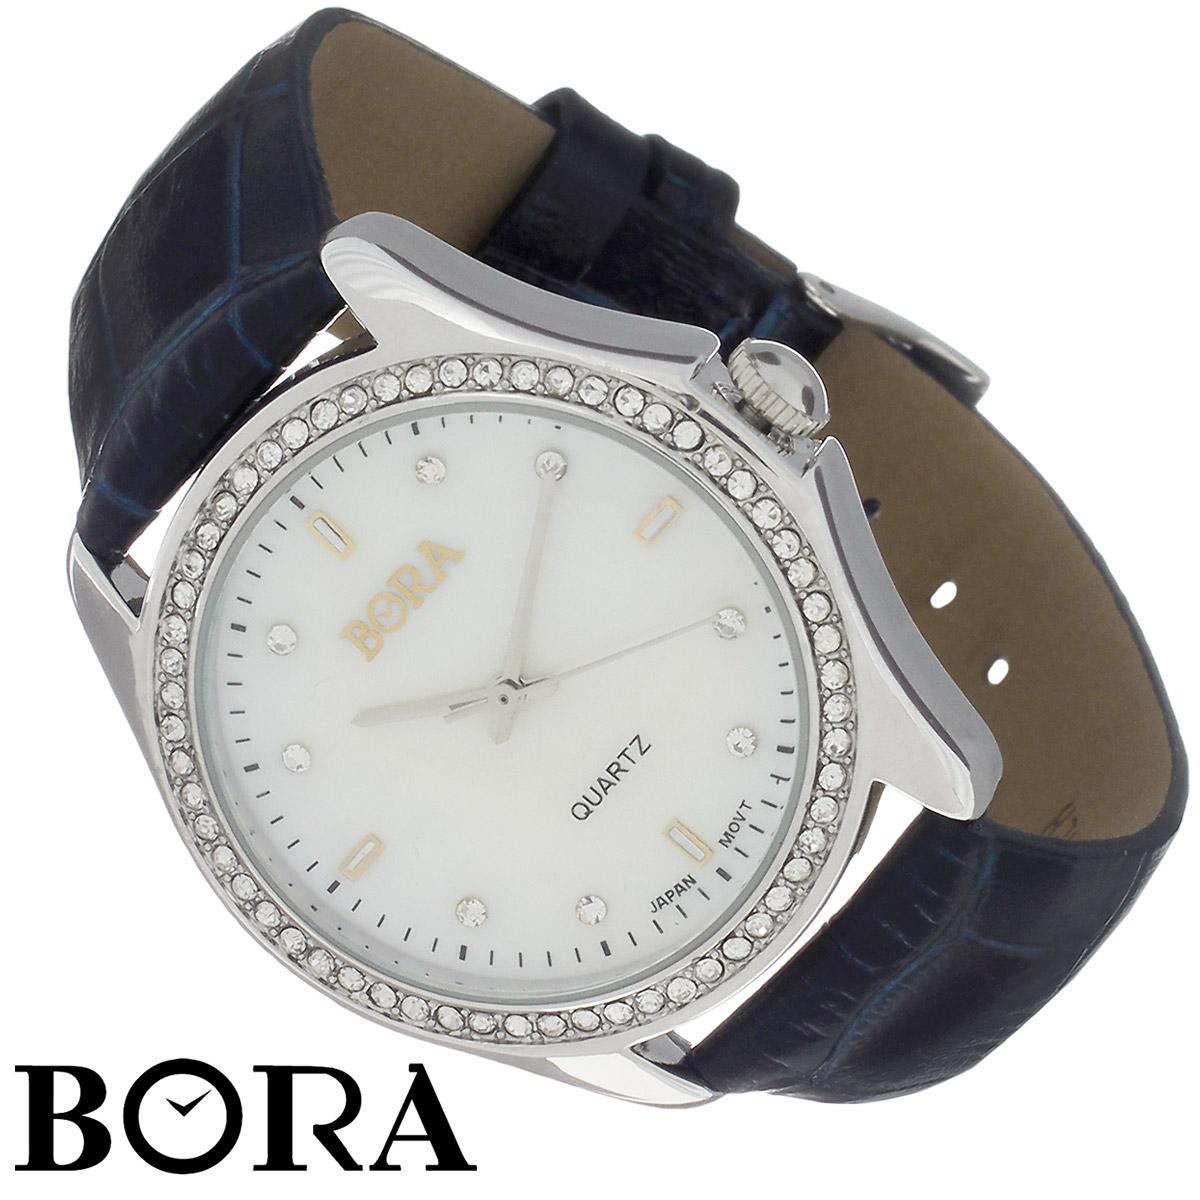 Часы женские наручные Bora, цвет: серебряный, черный. T-B-8537-WATCH-SL.D.NAVYT-B-8537-WATCH-SL.D.NAVYНаручные женские часы Bora произведены опытными специалистами из материалов самого высокого качества на базе новейших технологий. Часы оснащены японским кварцевым механизмом. Корпус часов выполнен из нержавеющей стали с PVD-покрытием и по контуру циферблата оформлен кристаллами Swarovski. Циферблат из натурального перламутра декорирован накладными знаками и кристаллами Swarovski. Ремешок изготовлен из натуральной кожи с тиснением. Часы Bora придадут вашему образу нотку изысканности и элегантности. Характеристики: Диаметр циферблата: 3 см. Ширина ремешка: 1,6 см. Длина ремешка (с учетом корпуса): 22,5 см. Размер корпуса часов: 3,6 см х 4,1 см х 0,8 см.